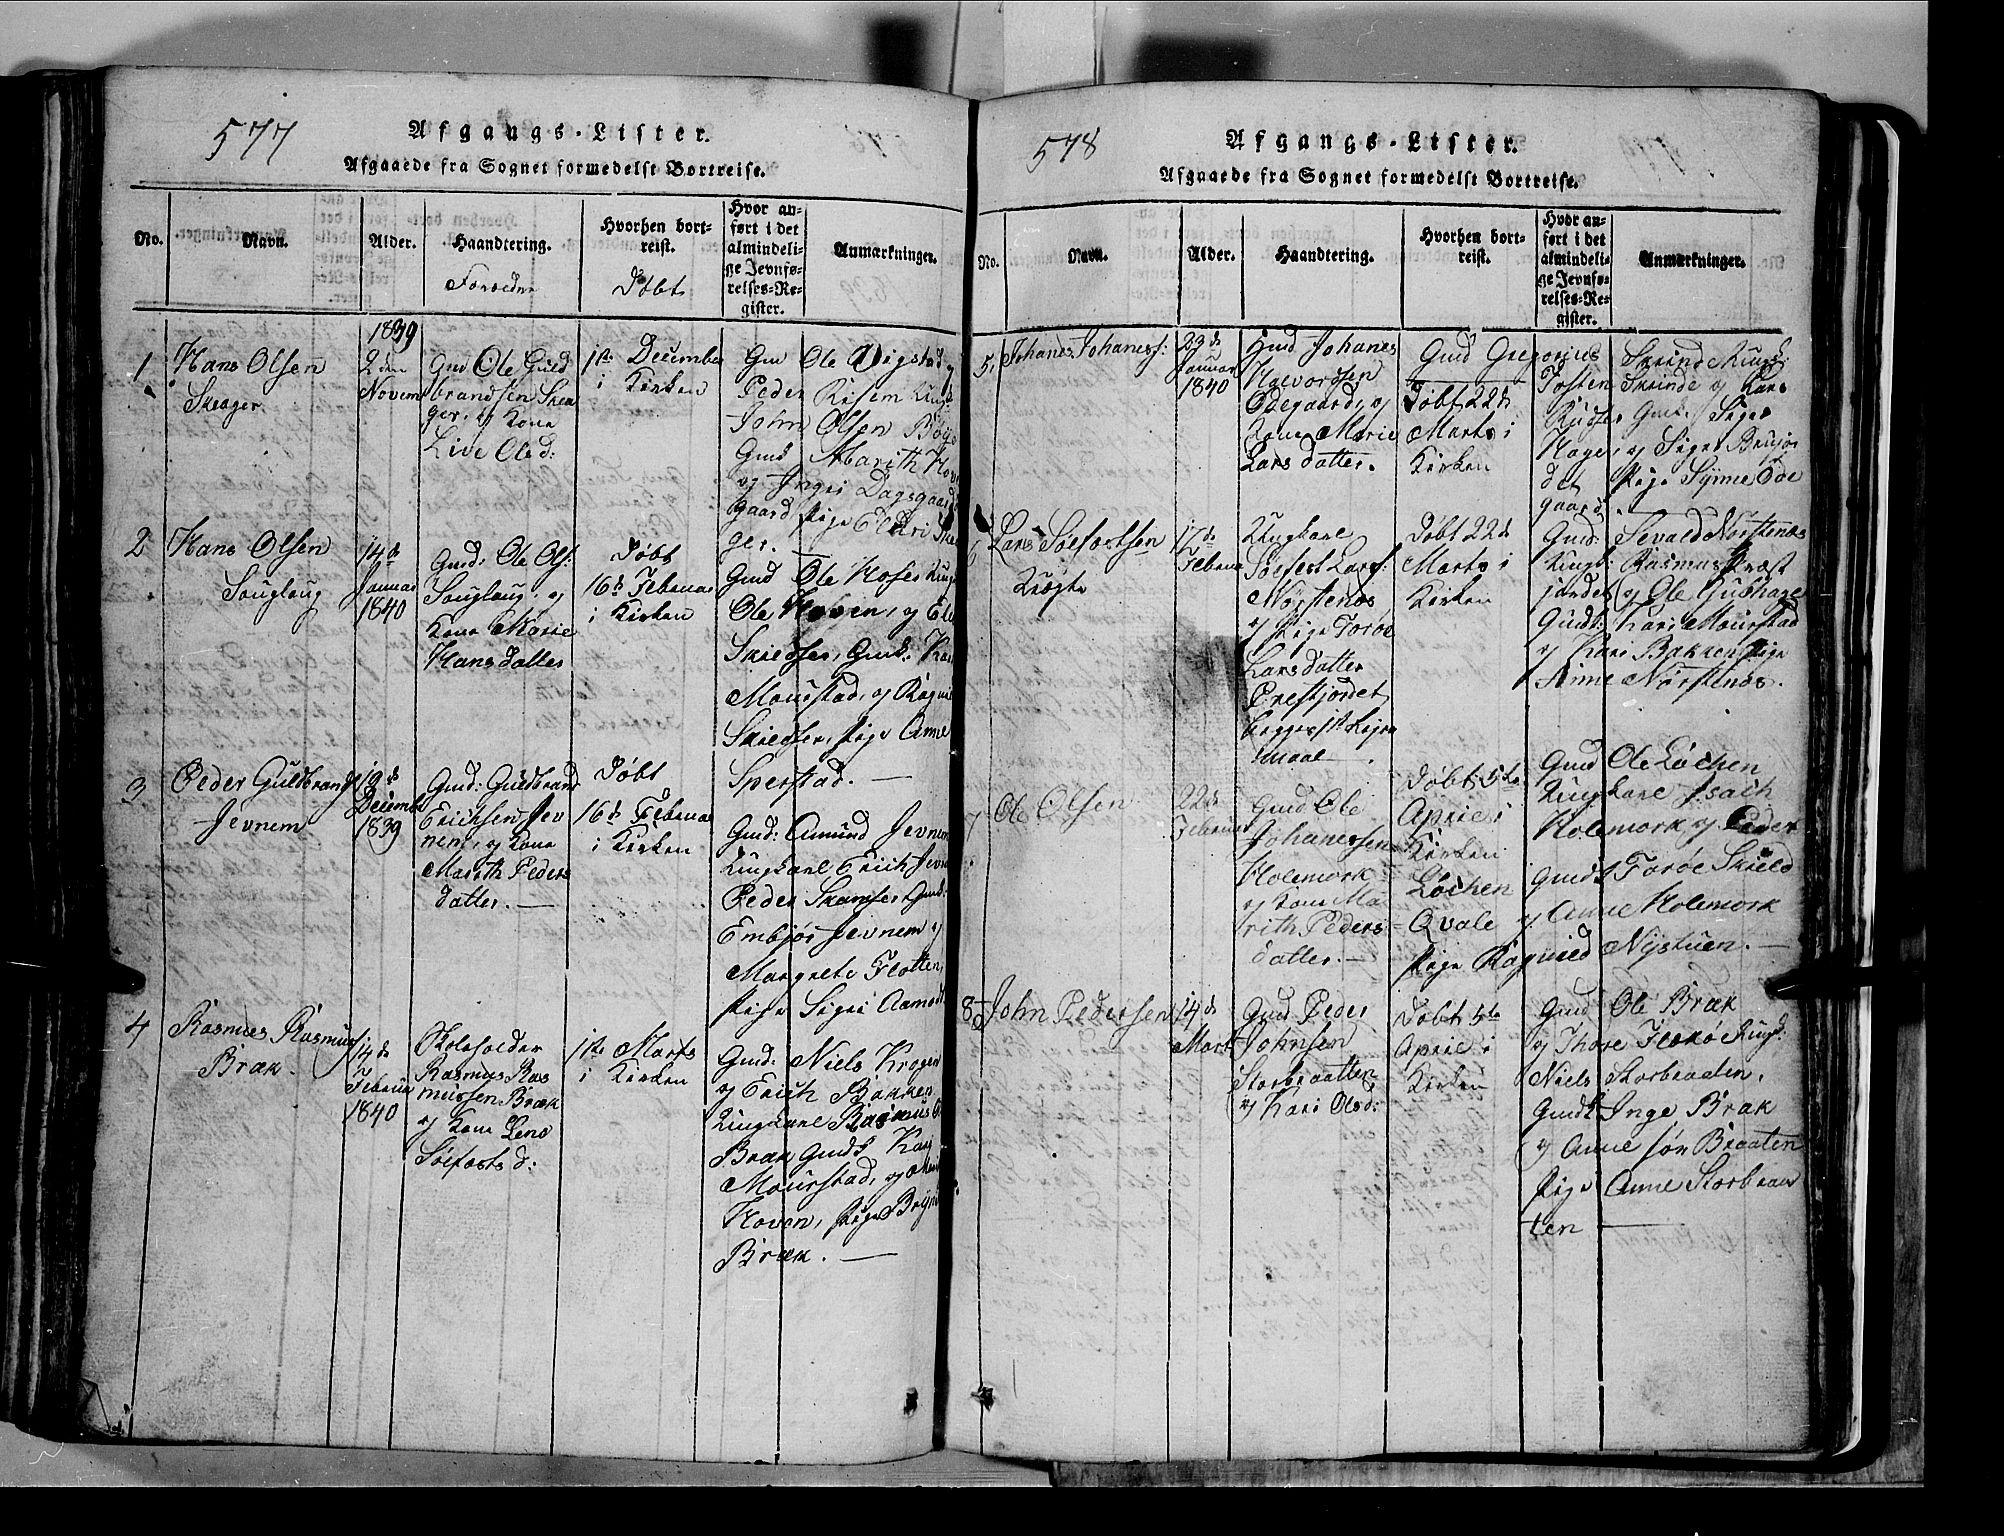 SAH, Lom prestekontor, L/L0003: Klokkerbok nr. 3, 1815-1844, s. 577-578